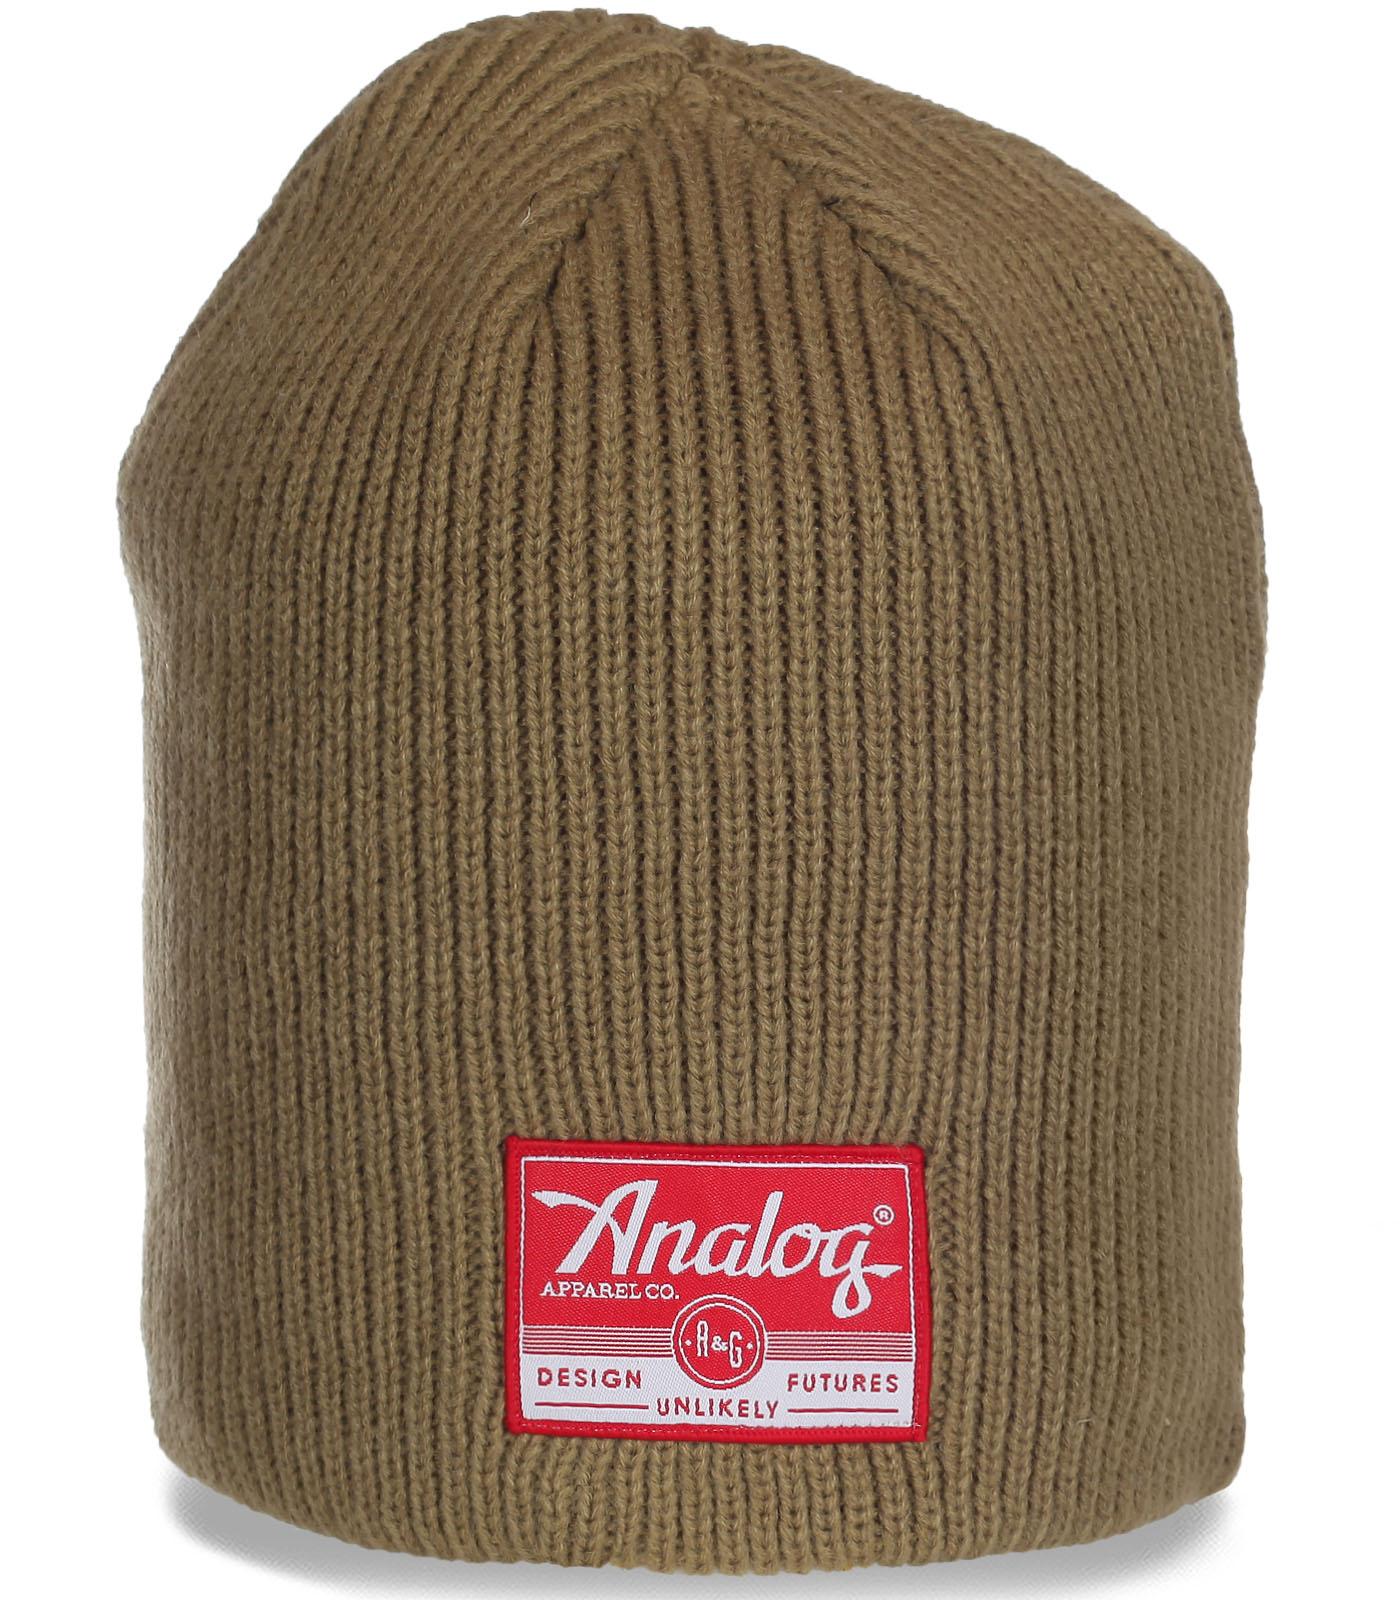 Современная шапка AnaLog для очаровательных девушек. Практичная модель на все случаи жизни